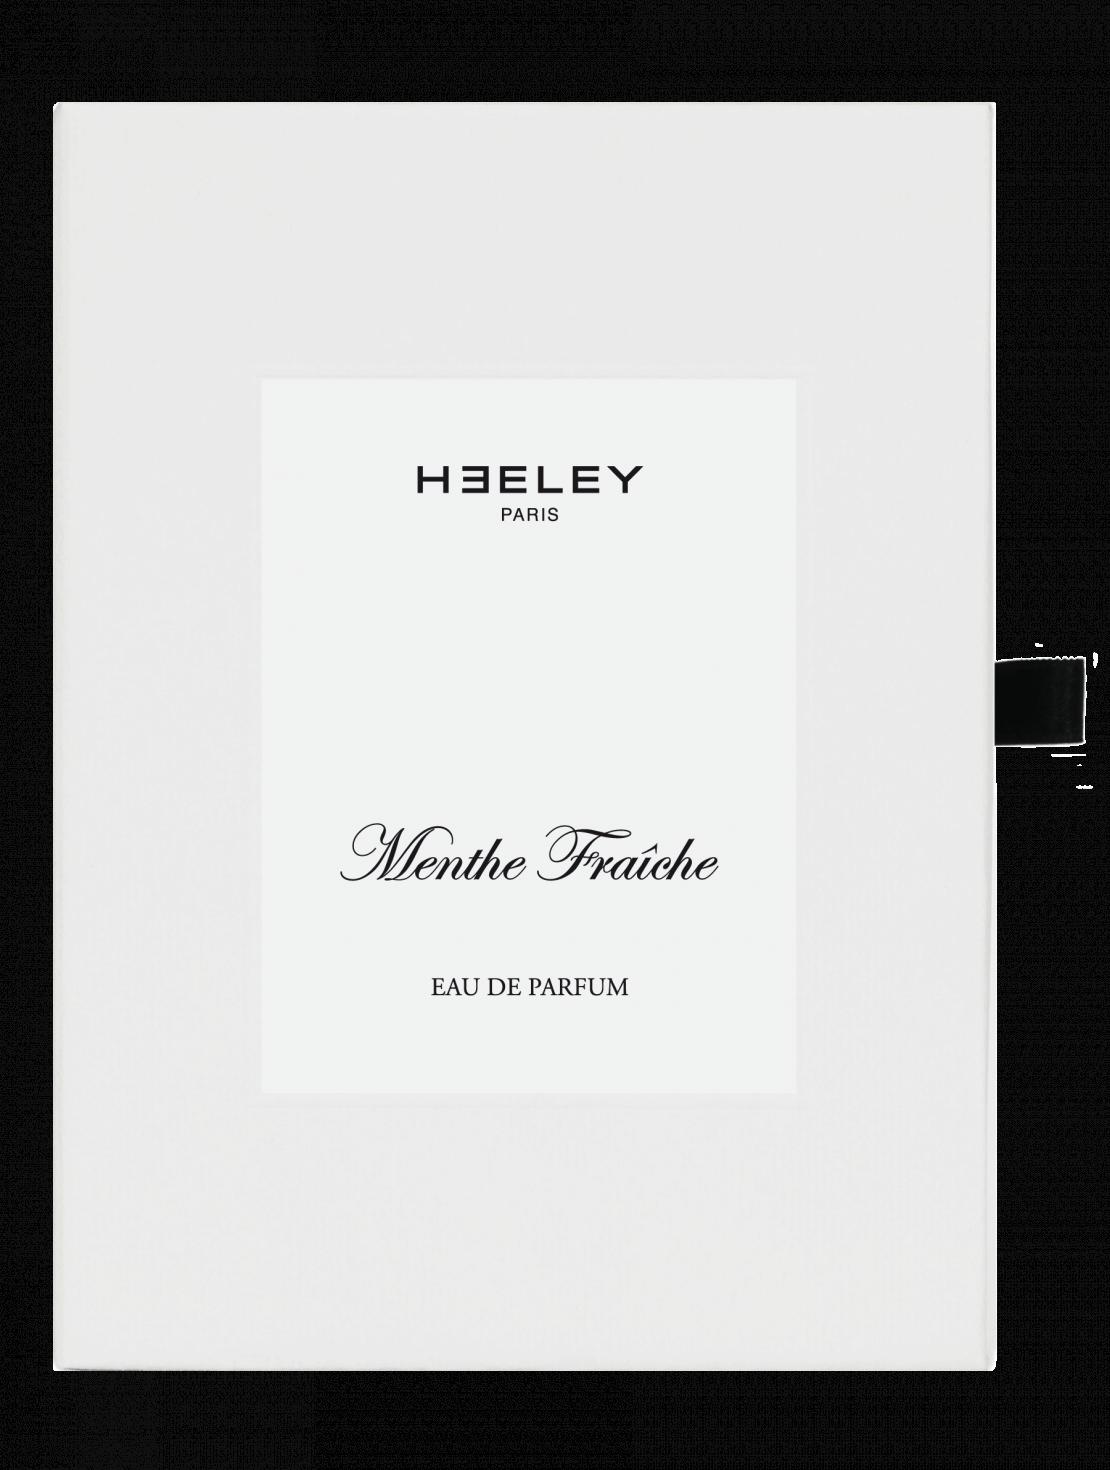 HEELEY-Menthe Fraiche EdP